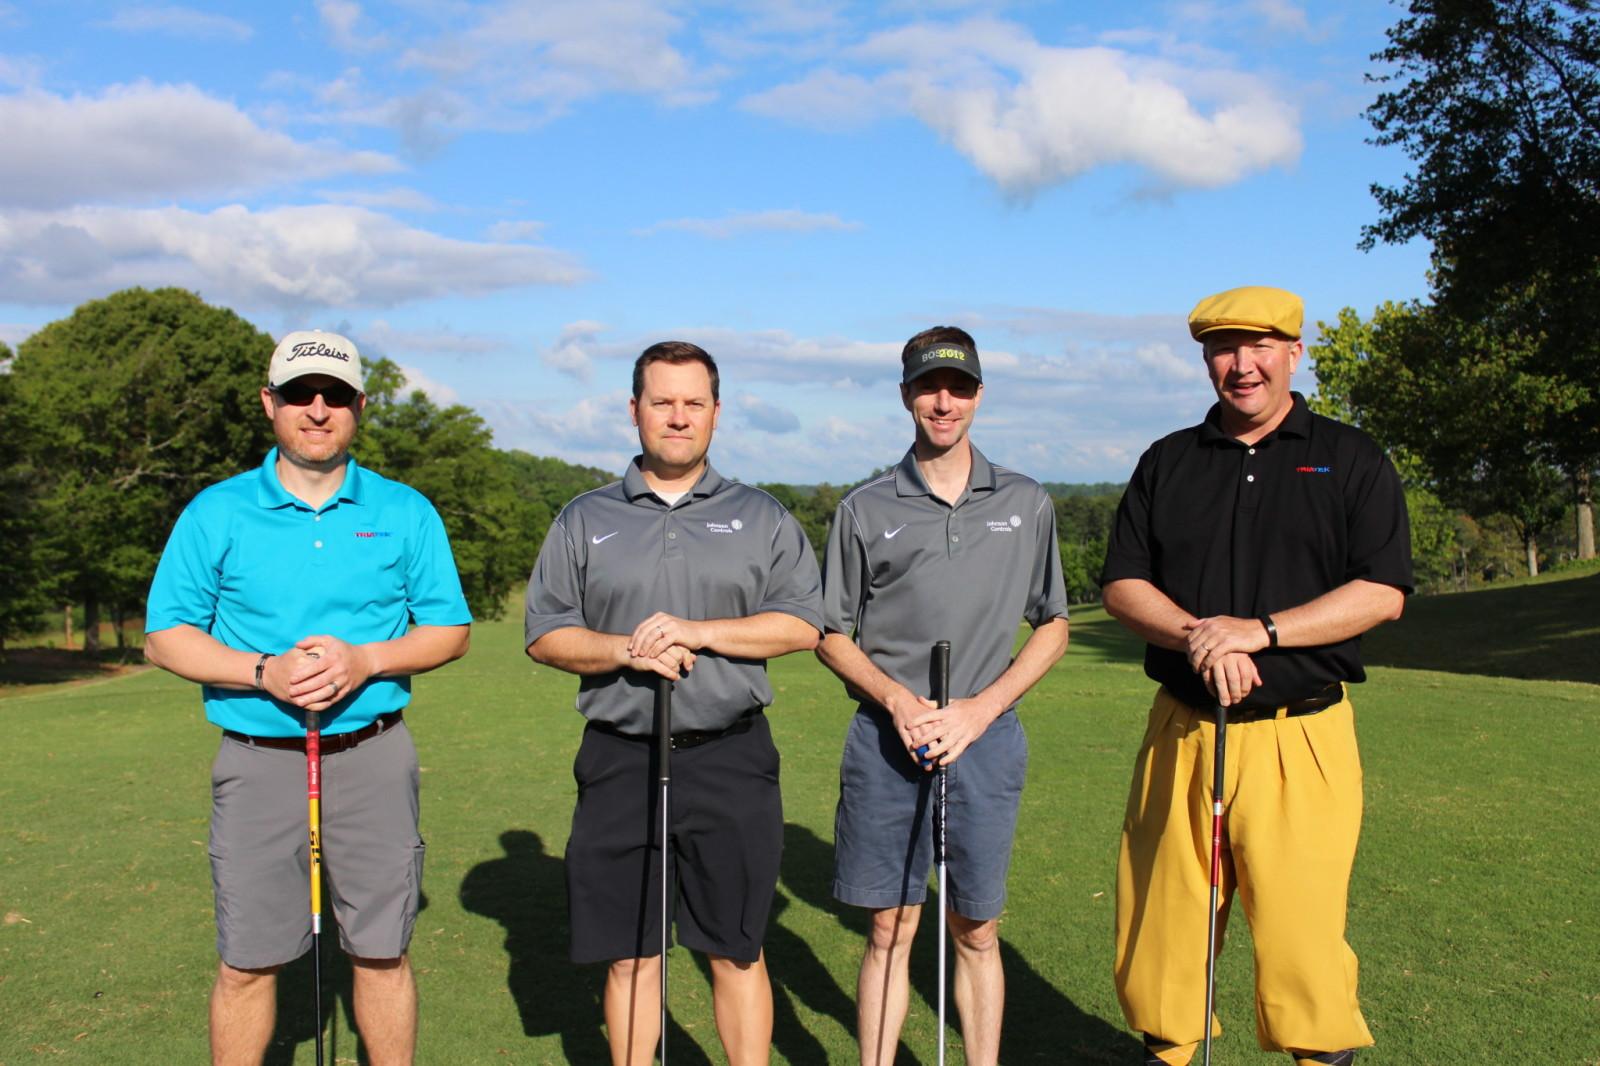 Triatek's golf foursome